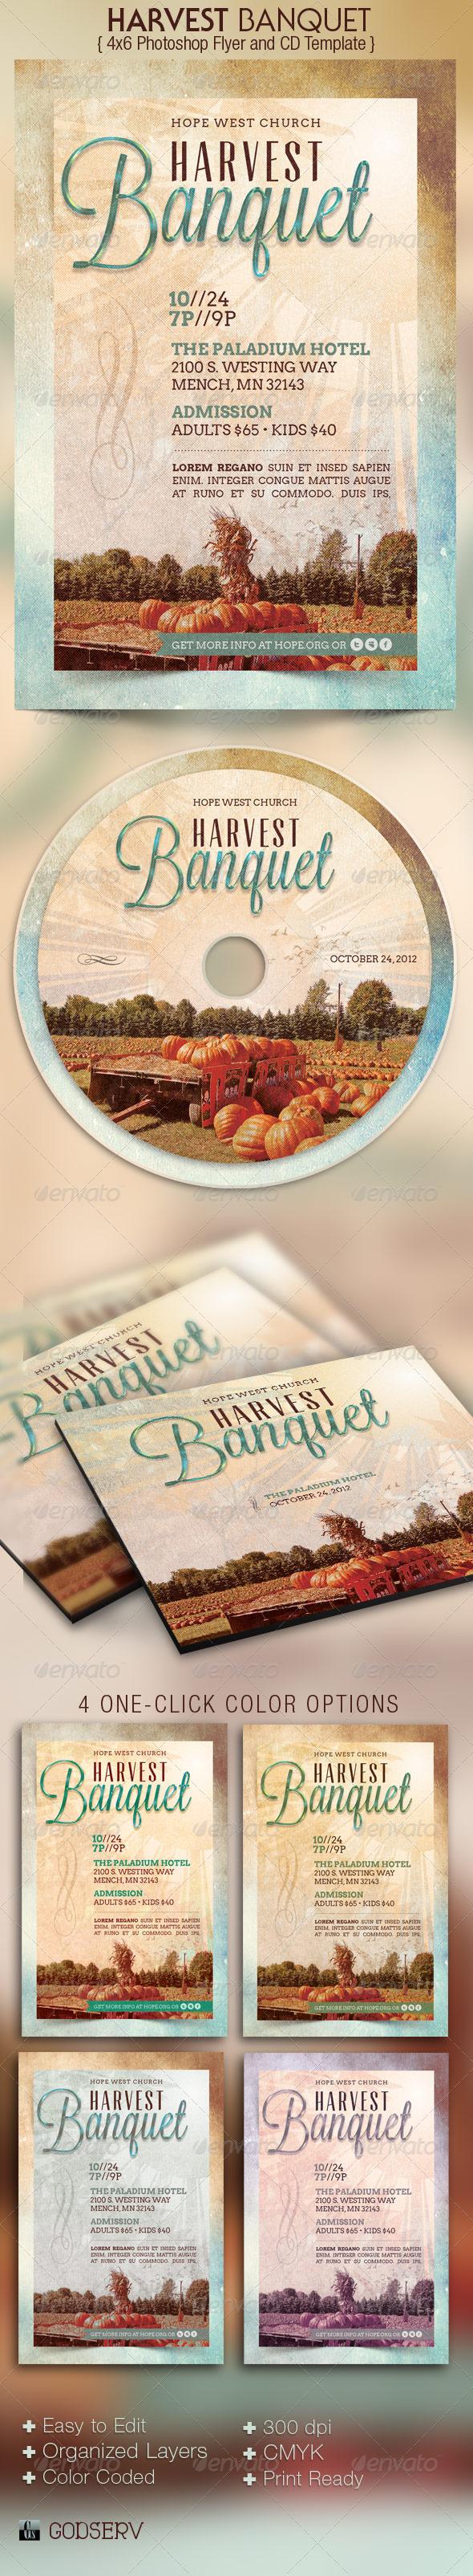 Harvest Banquet Church Flyer CD Template - Church Flyers